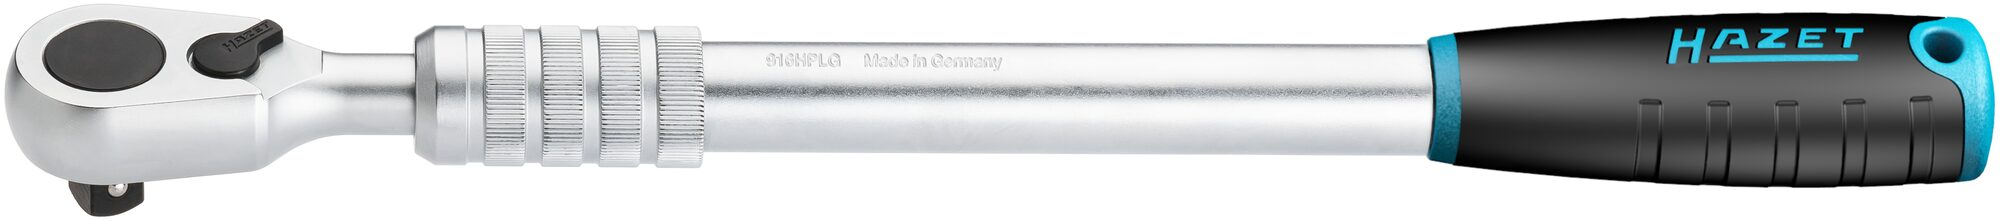 HAZET HiPer Feinzahn-Umschaltknarre ∙ ausziehbar 916HPLG ∙ Vierkant massiv 12,5 mm (1/2 Zoll) ∙ 614 mm